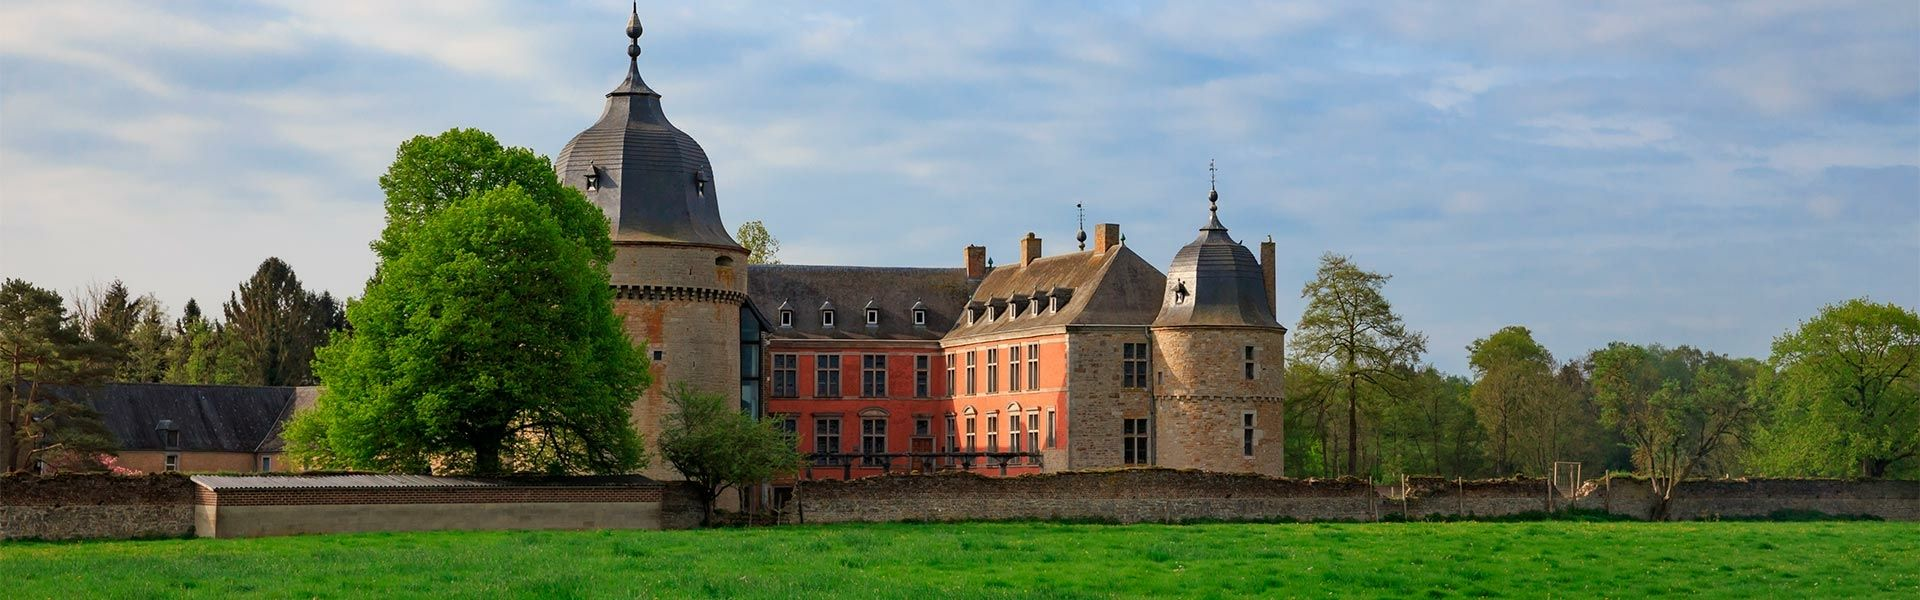 Camping Rochefort (België)